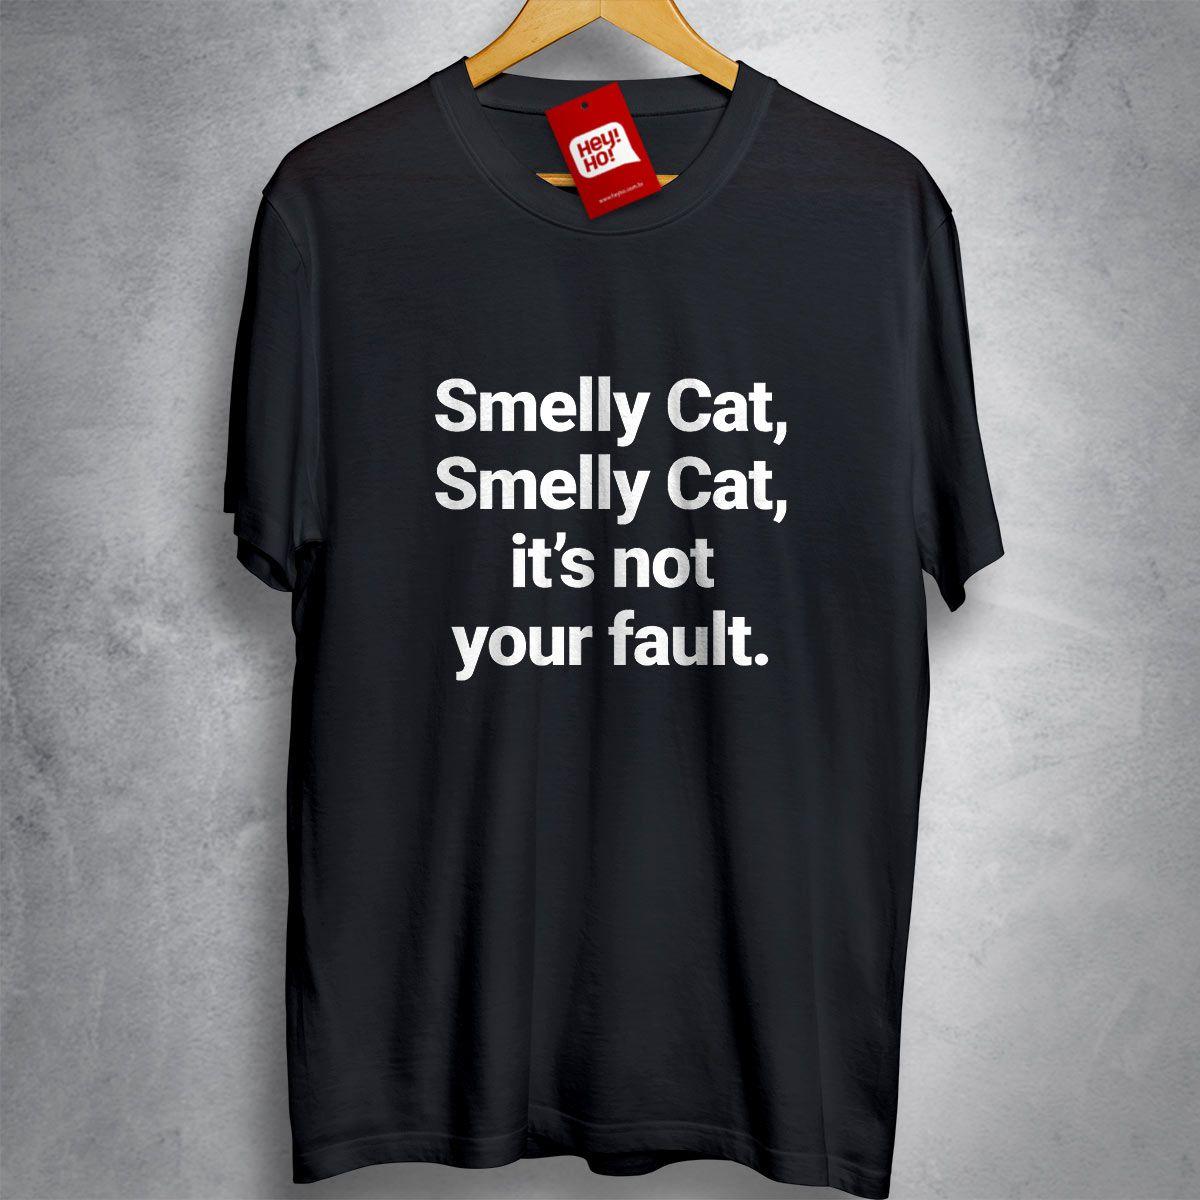 OFERTA - FRIENDS - Smelly Cat - CAMISETA PRETA - Tamanho EXG